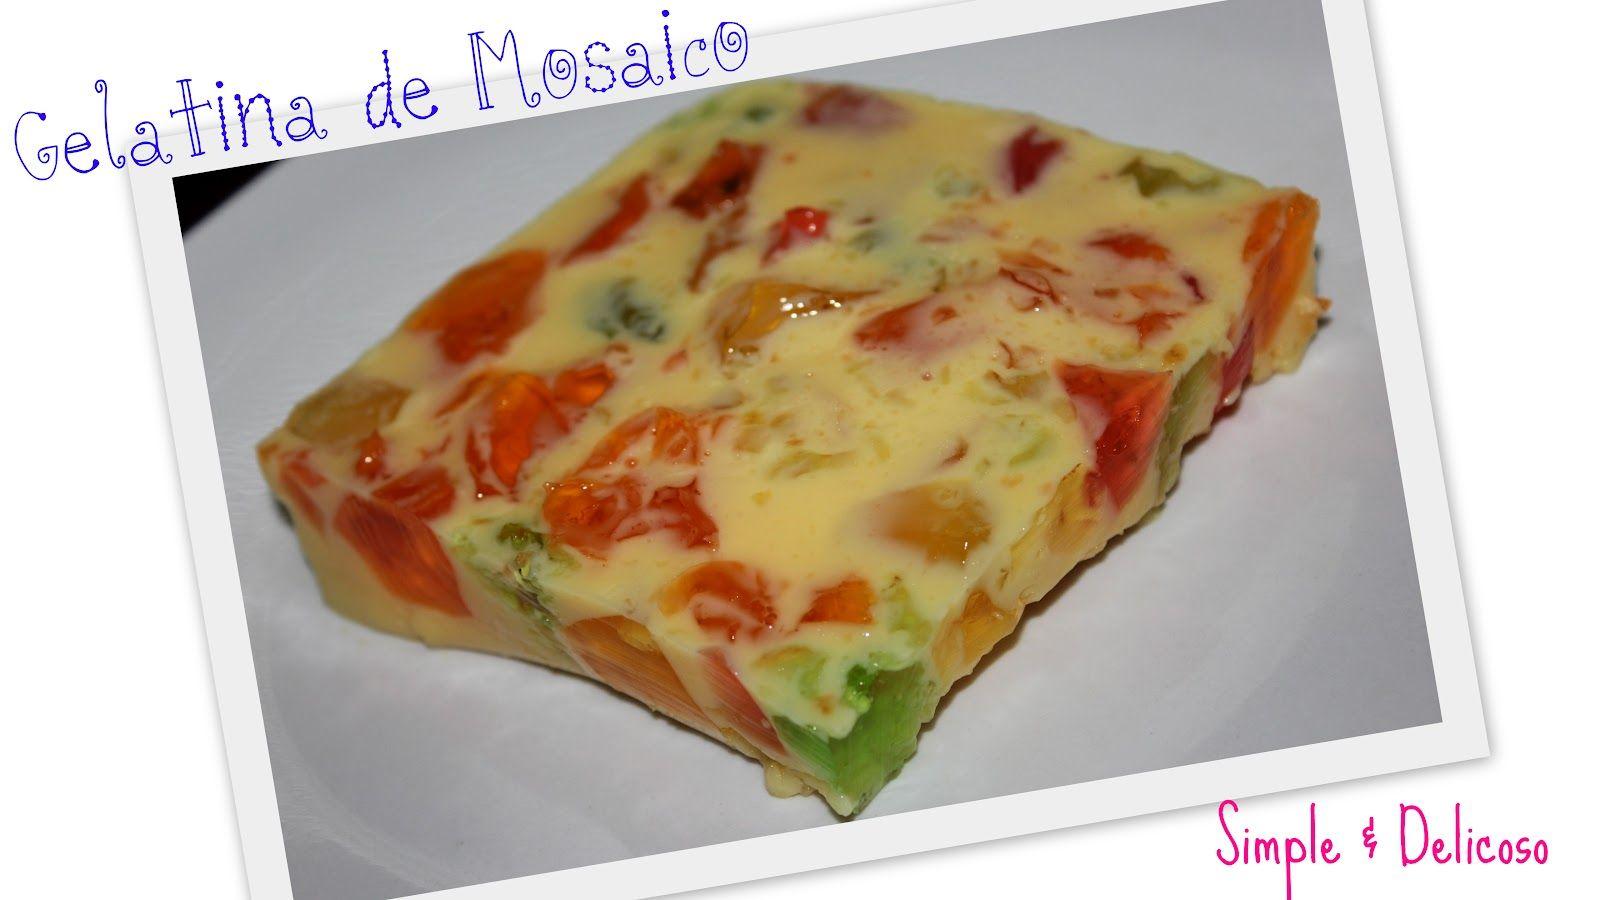 Gelatina de Mosaico                    Simple & Delicioso